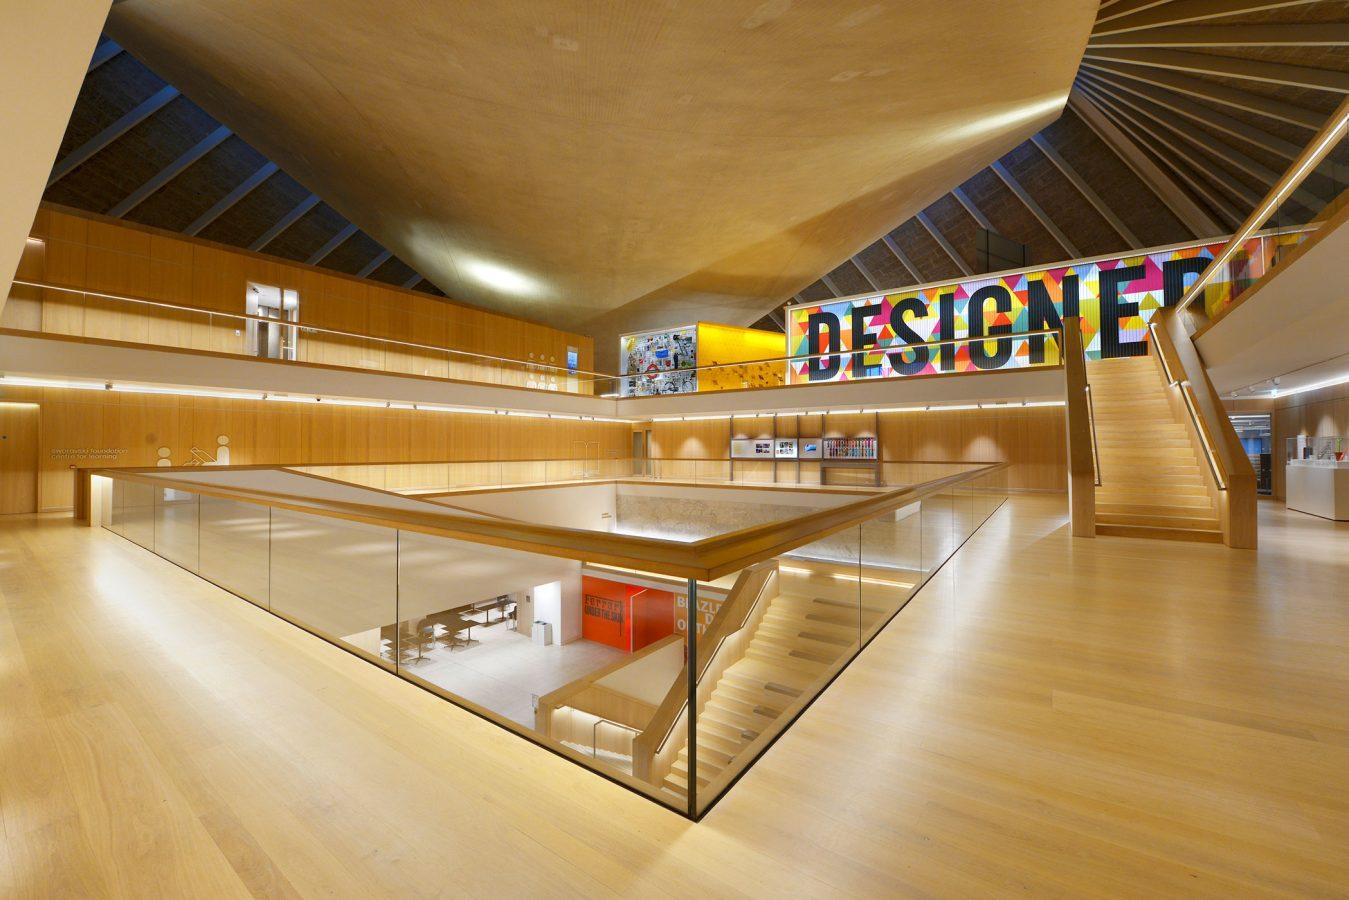 The Design Museum Atrium